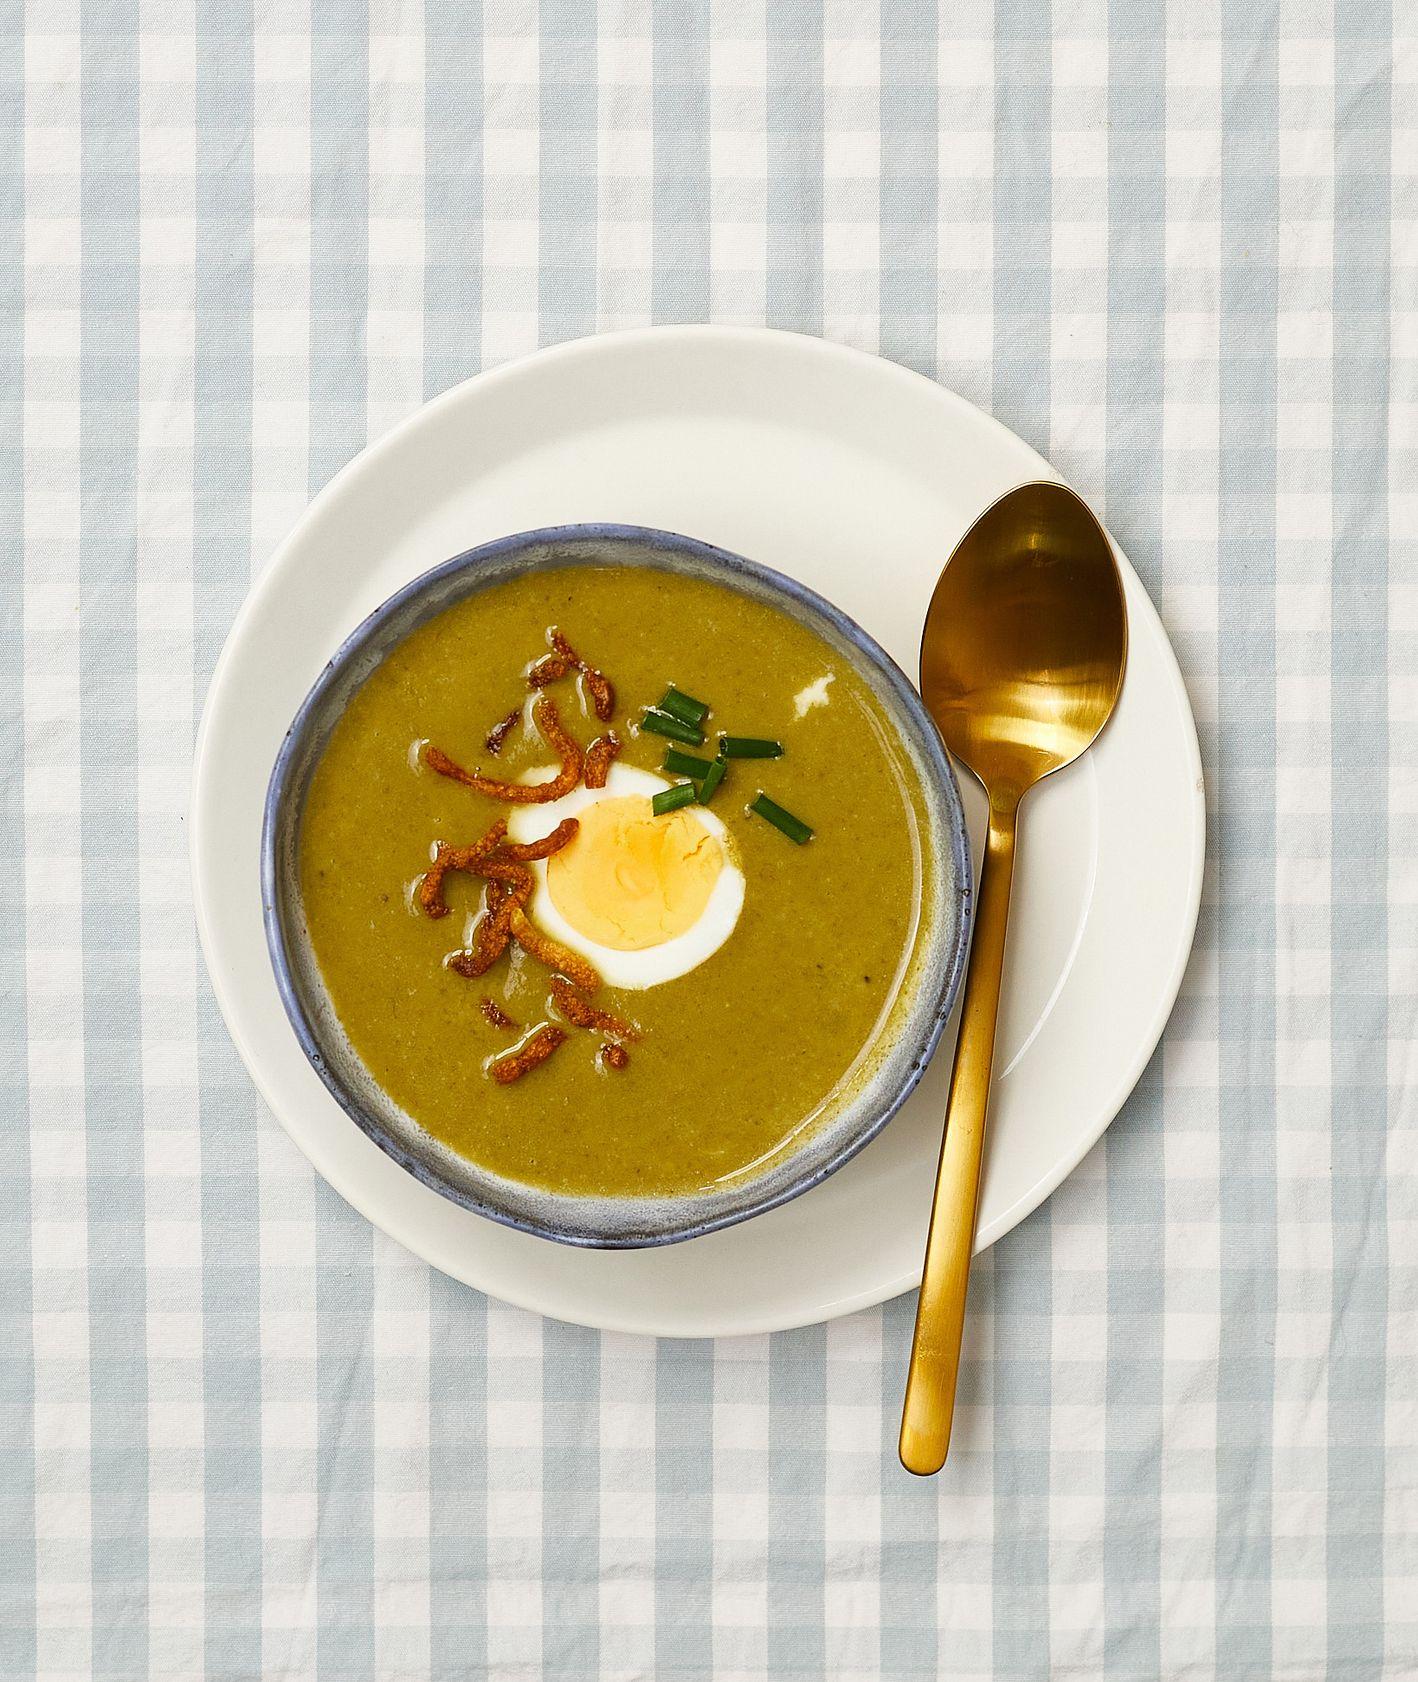 Zupy. Krem szczawiowy ze szczypiorkiem i z pikantną chrupką z makaronu udon (fot. Maciek Niemojewski)